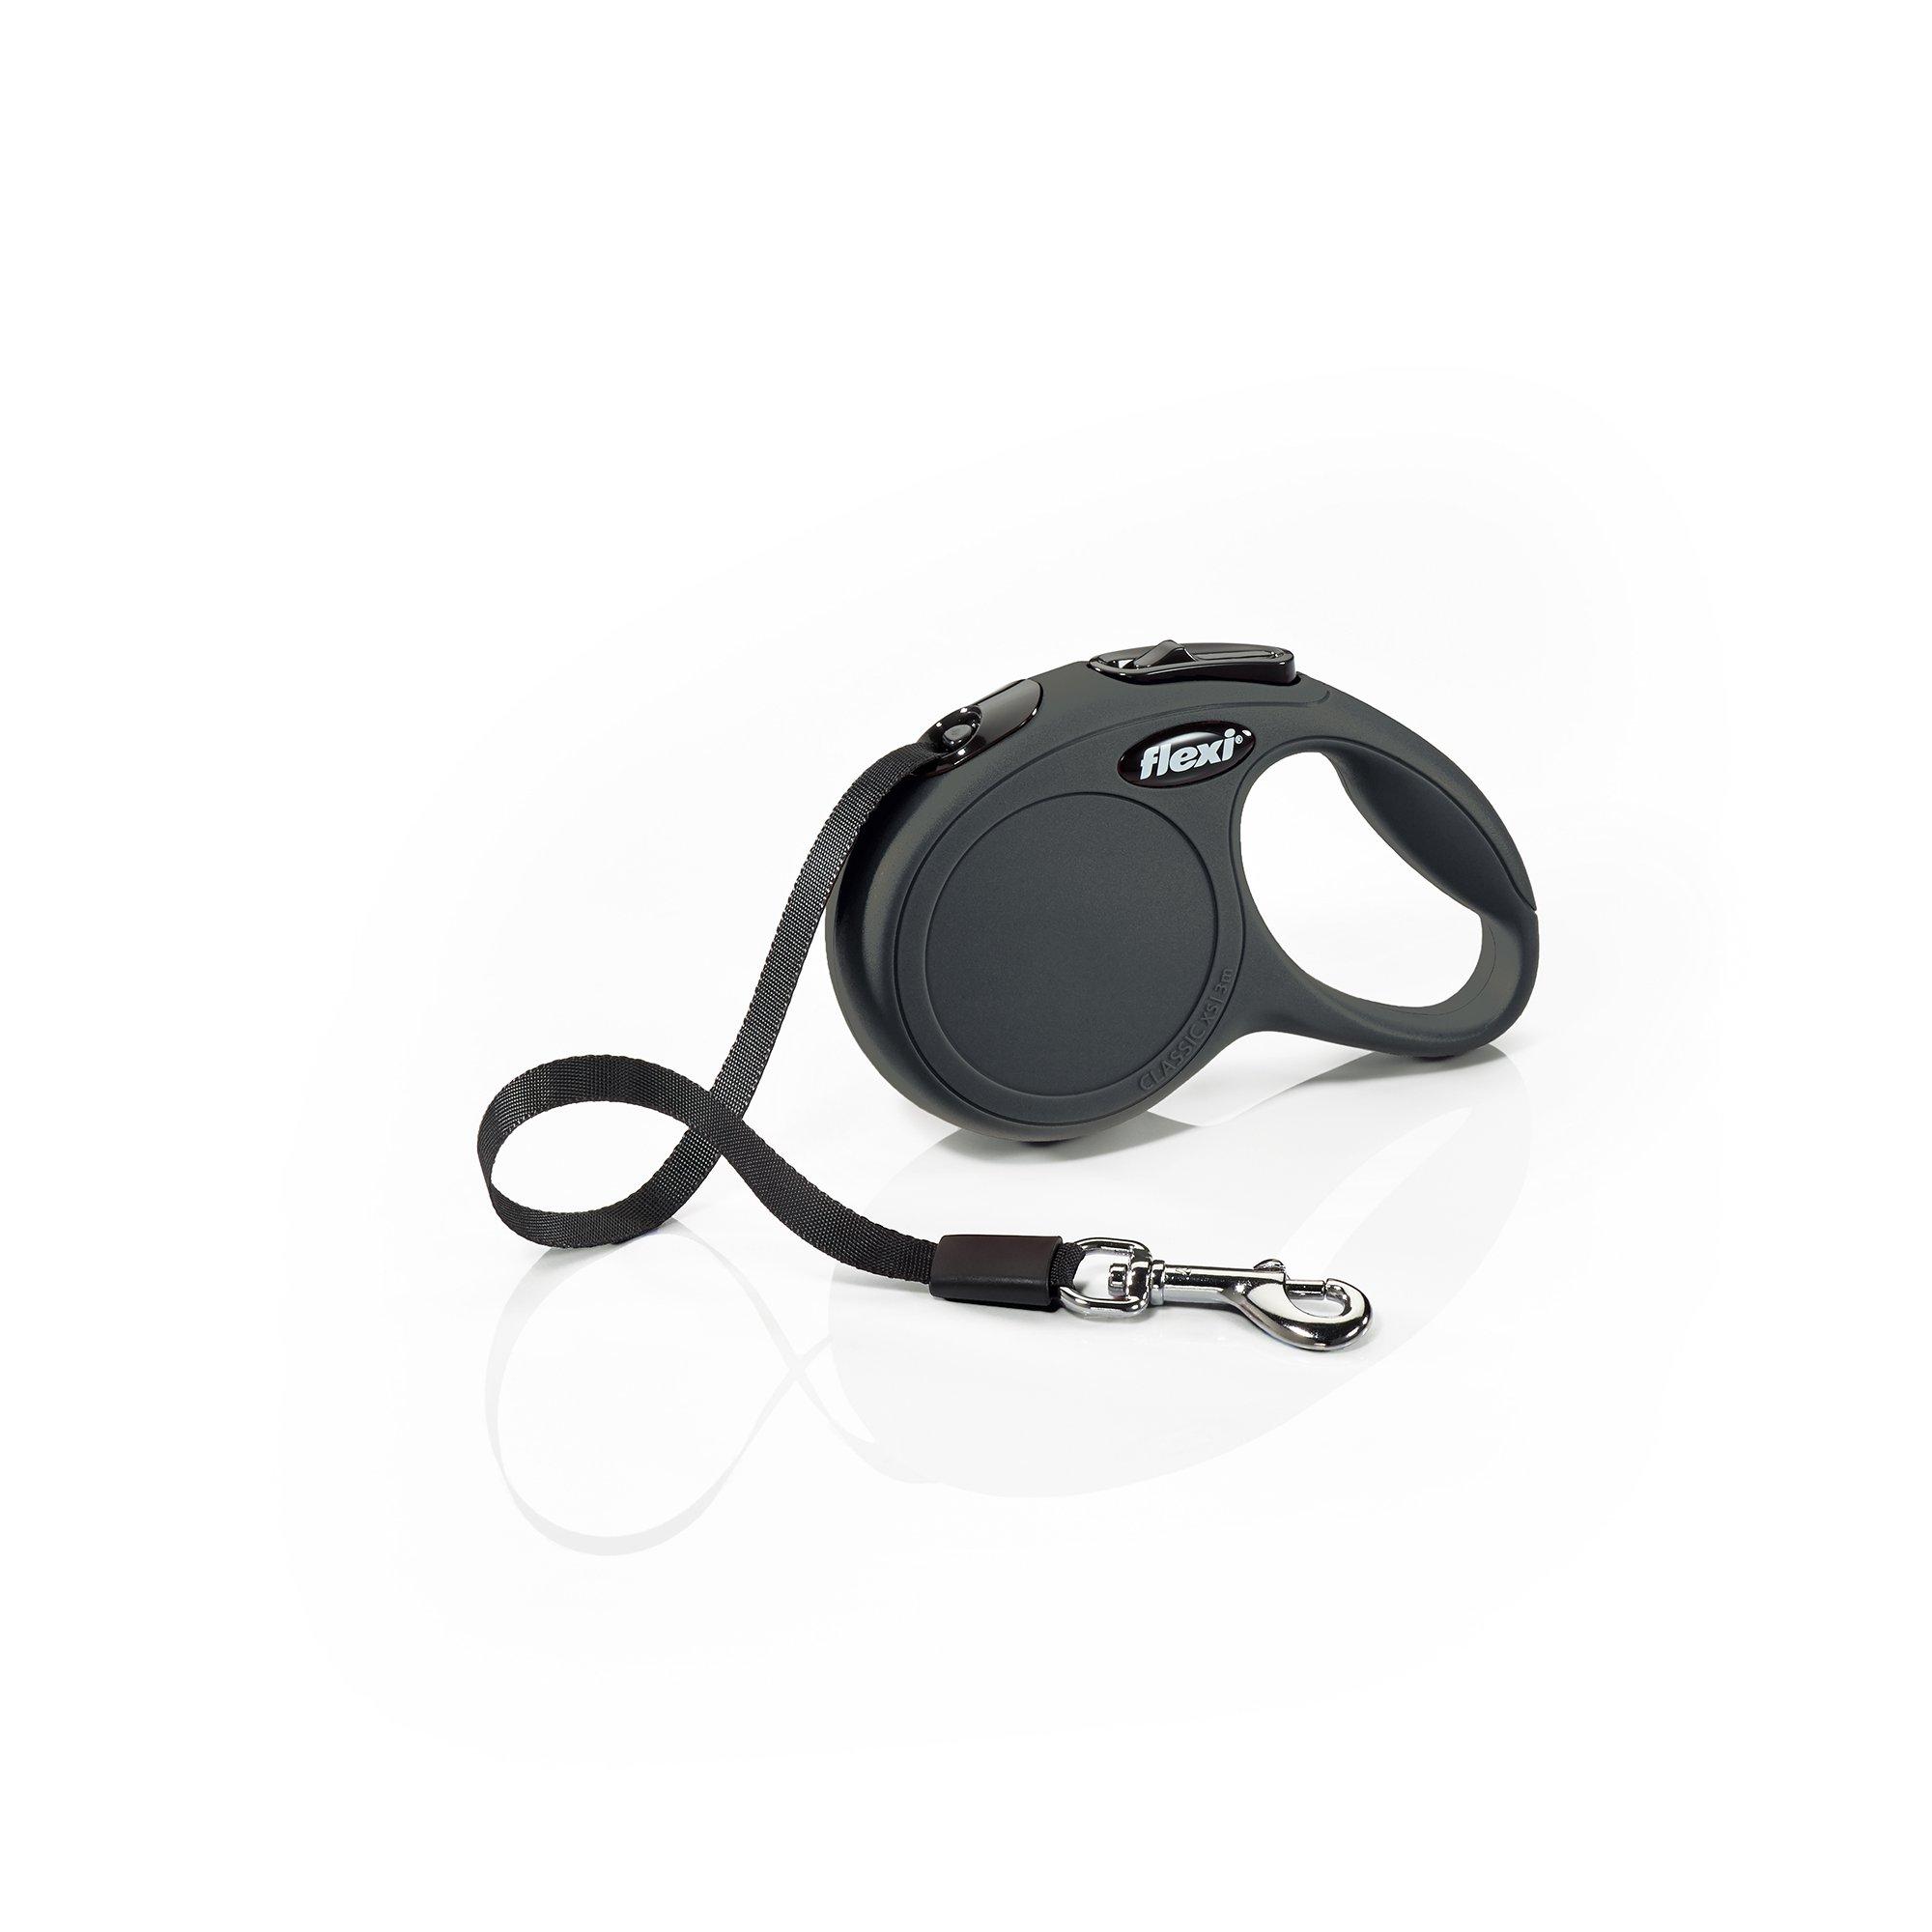 Flexi CL00T3.250.S New Classic Tape Retractable Leash, Black, X-Small/10'